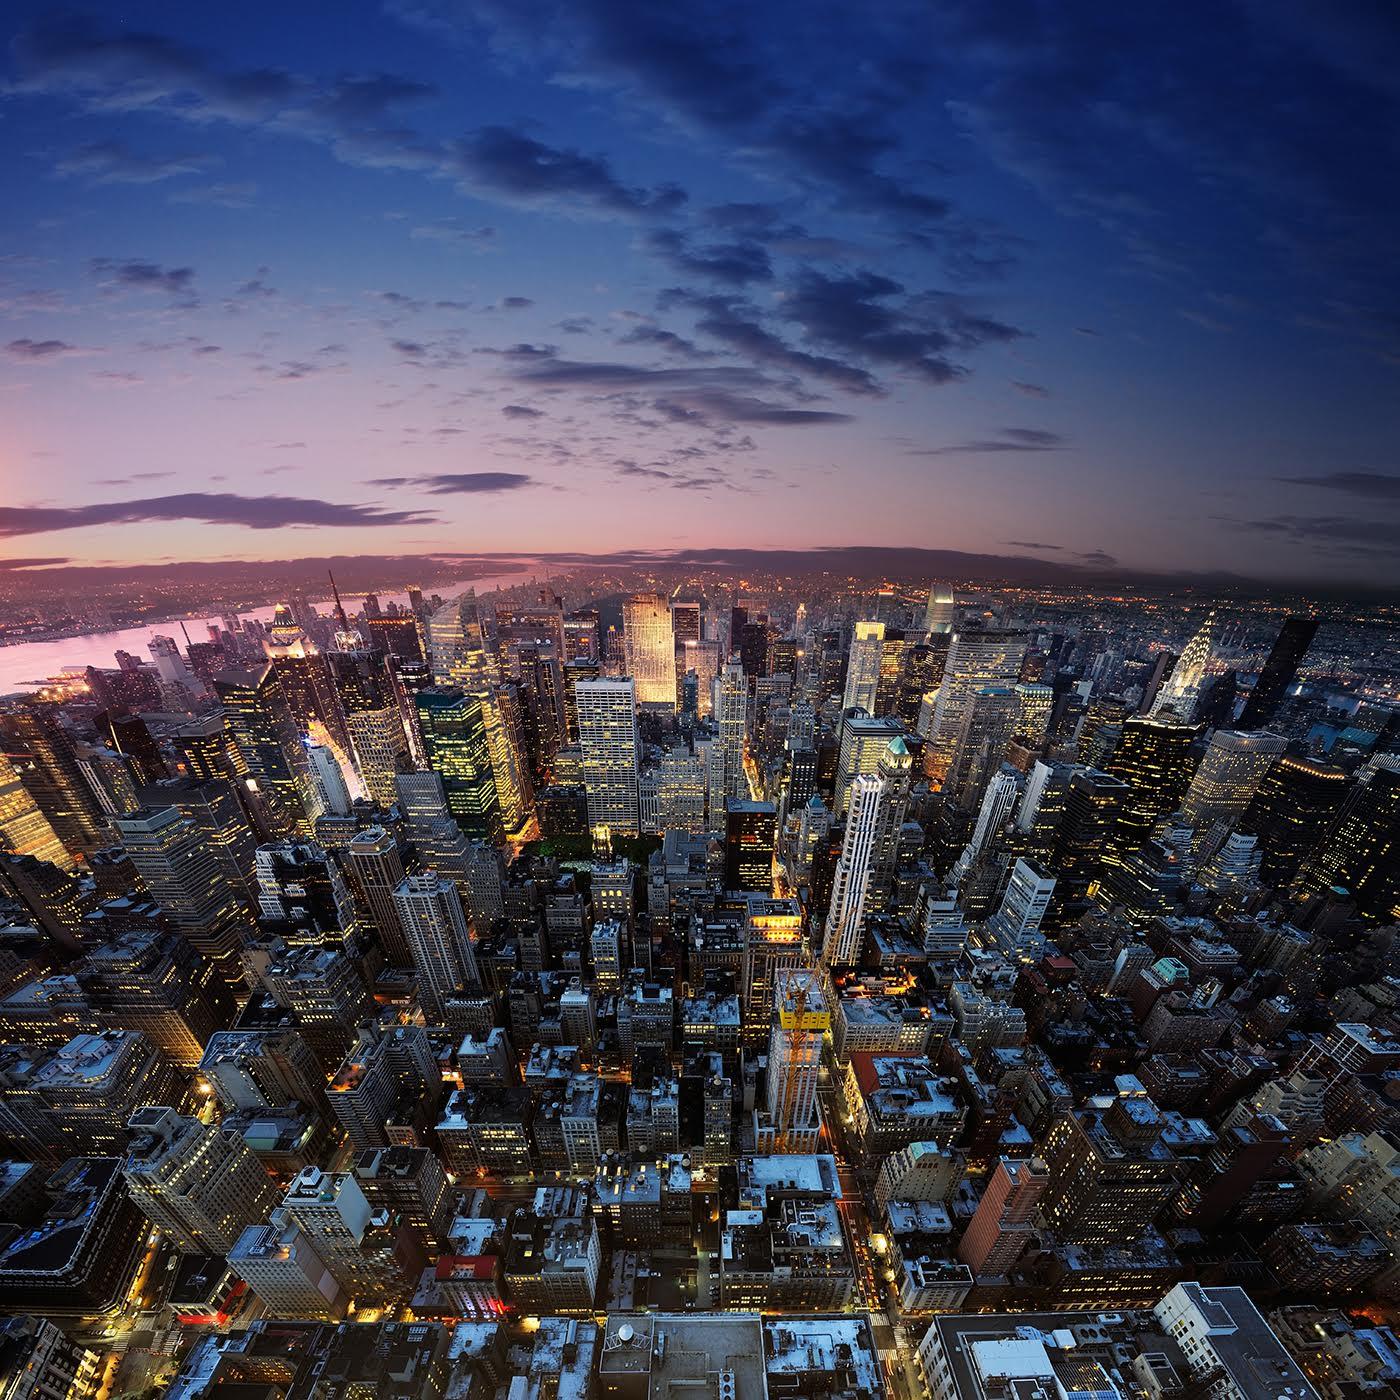 New York skyline at dusk - Strata NY 2016